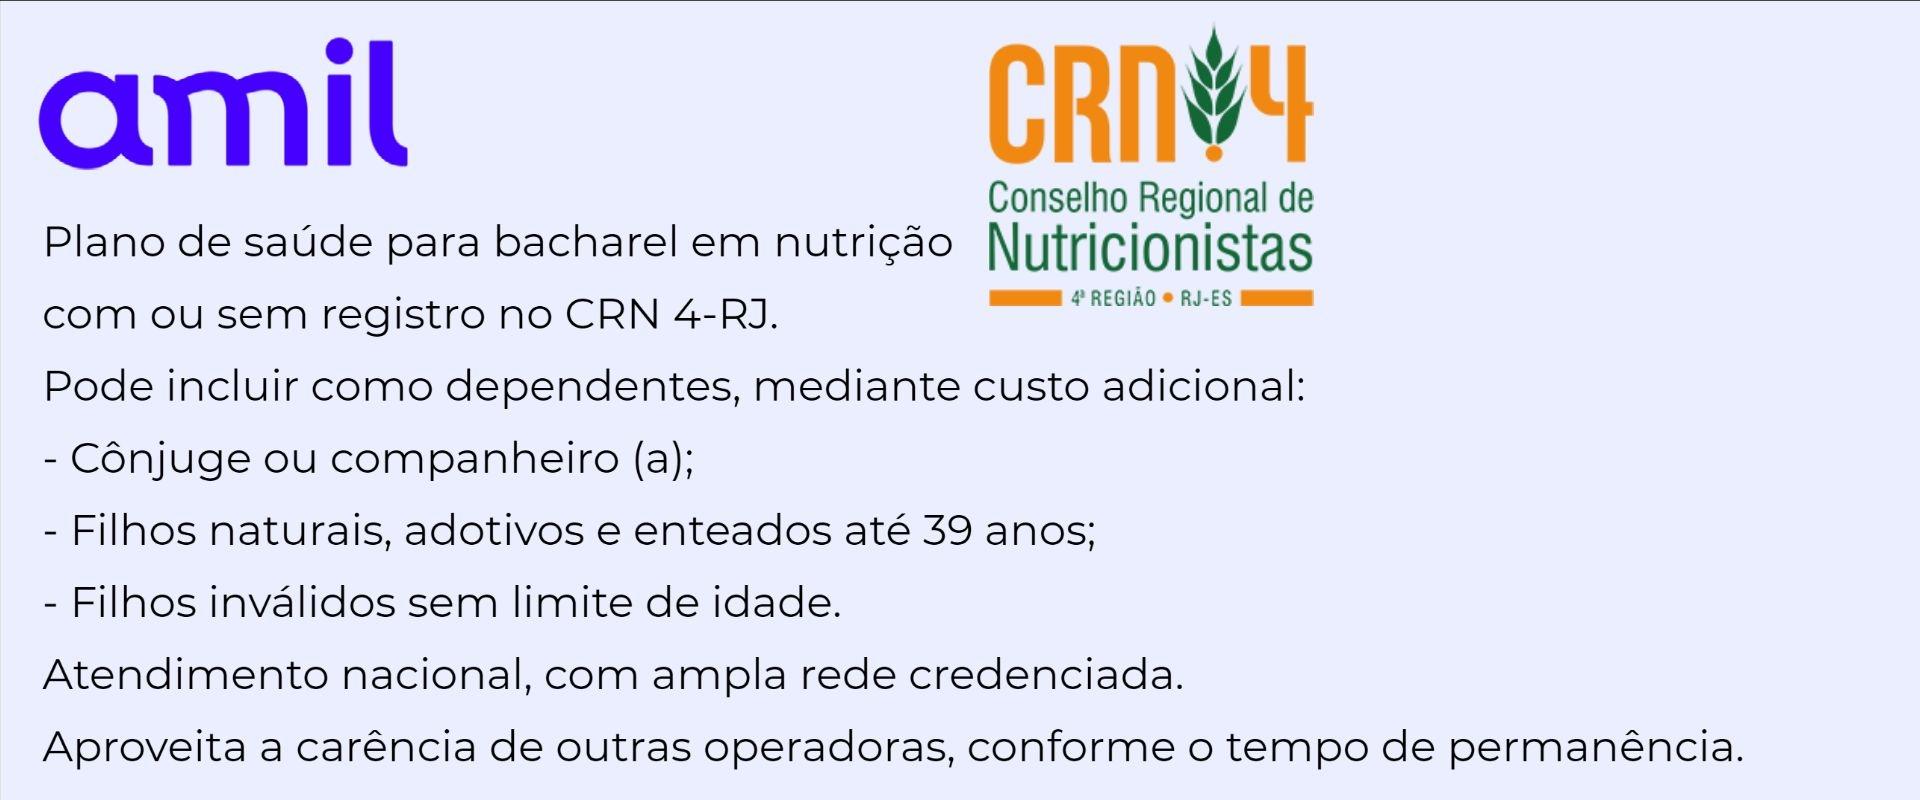 Amil CRN 4-RJ